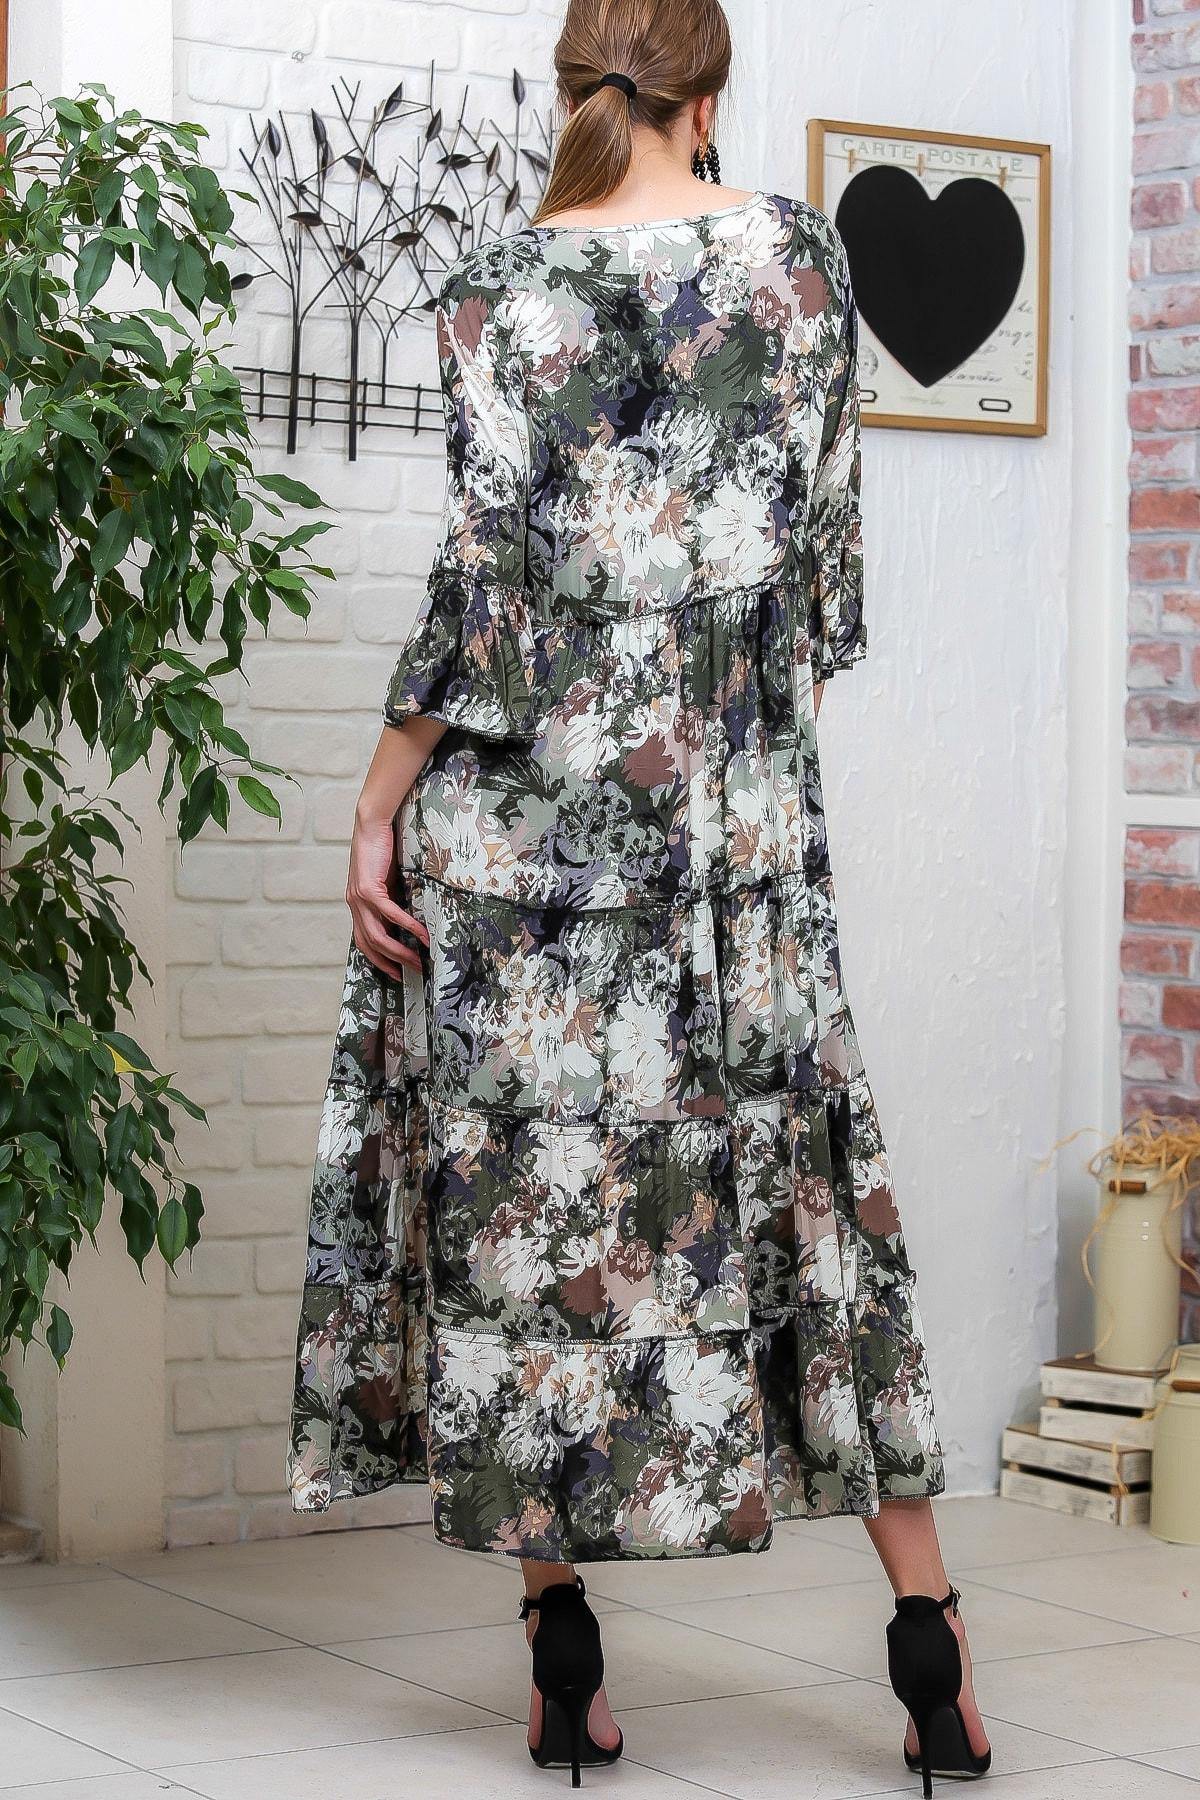 Chiccy Kadın Yeşil-Krem Suluboya Çiçek Desenli Püskül Bağcıklı Kat Kat Salaş Uzun Elbise M10160000EL95621 4